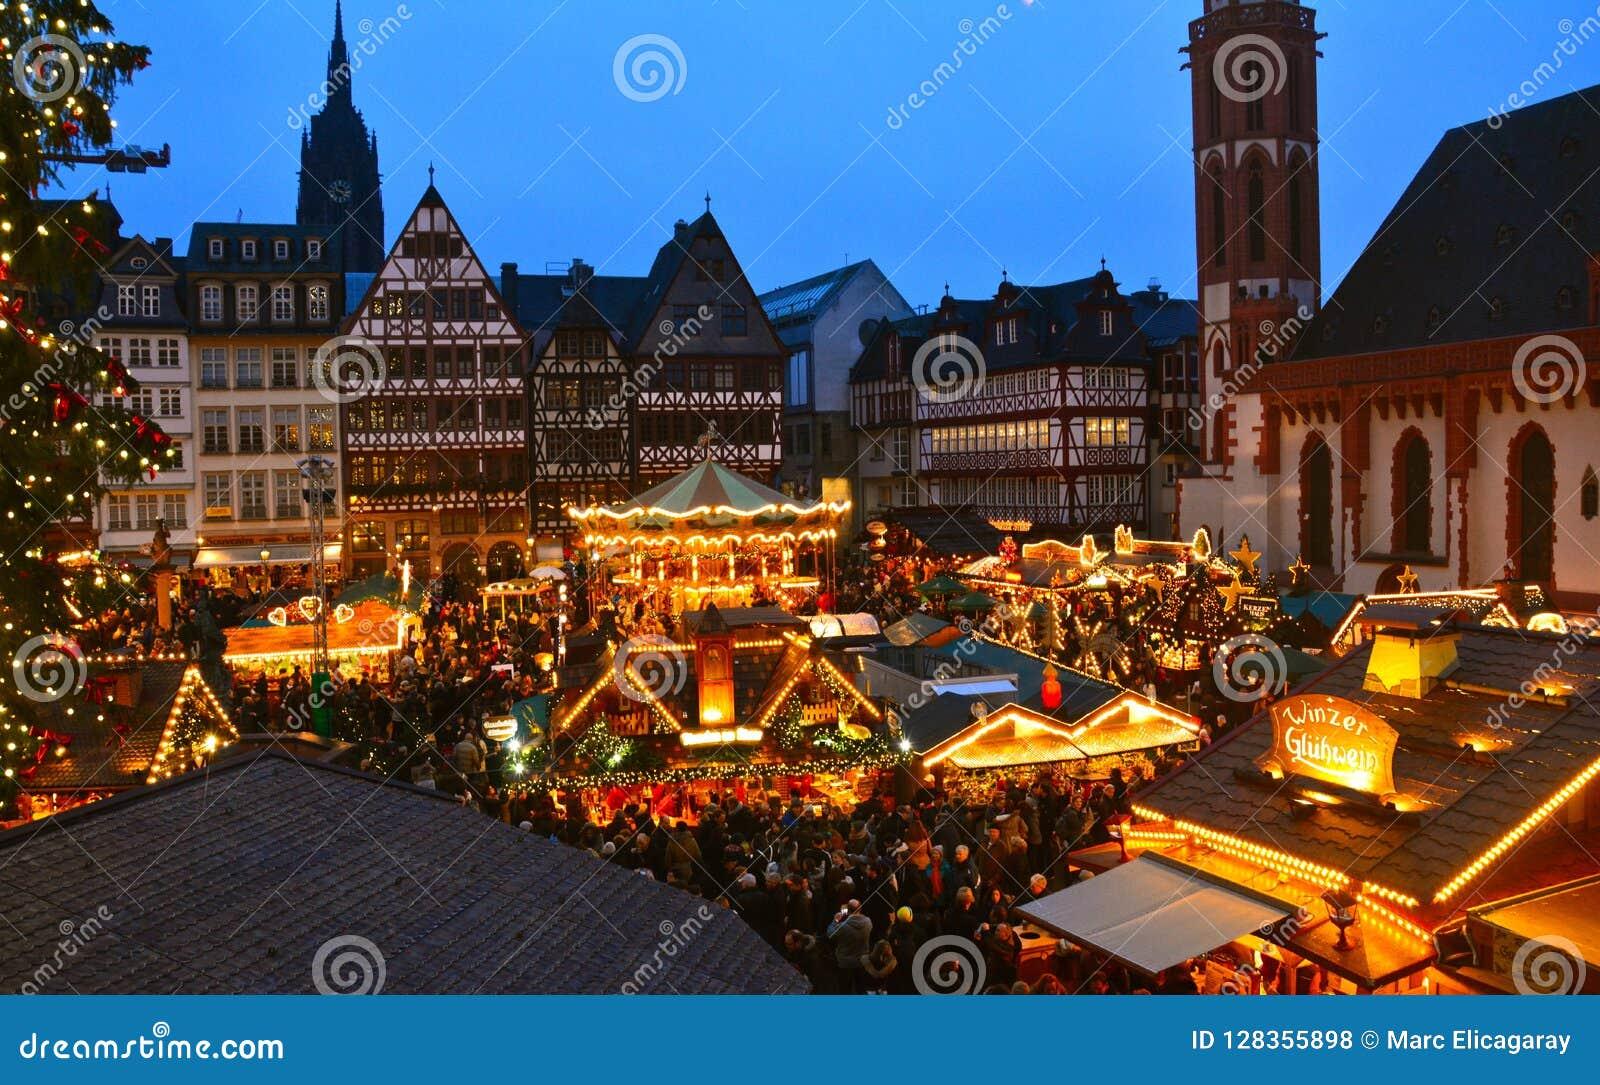 Deutschland Weihnachtsmarkt.Weihnachtsmarkt In Frankfurt Deutschland Stockfoto Bild Von